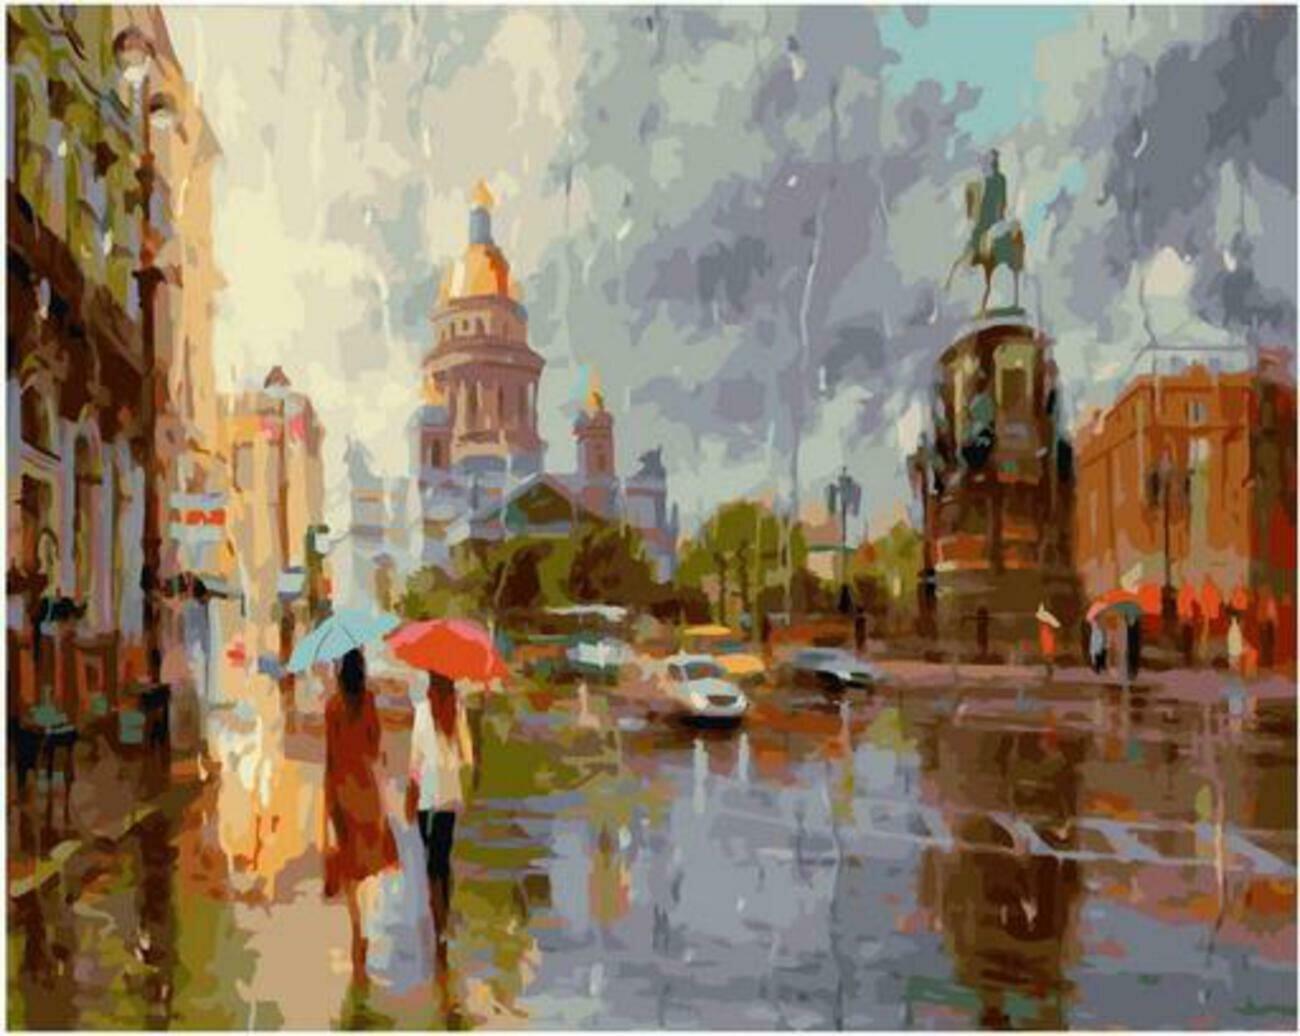 Картина по номерам Paintboy Original PK 90028 Летний дождь в Питере (Ковалев Владимир) 40x50см